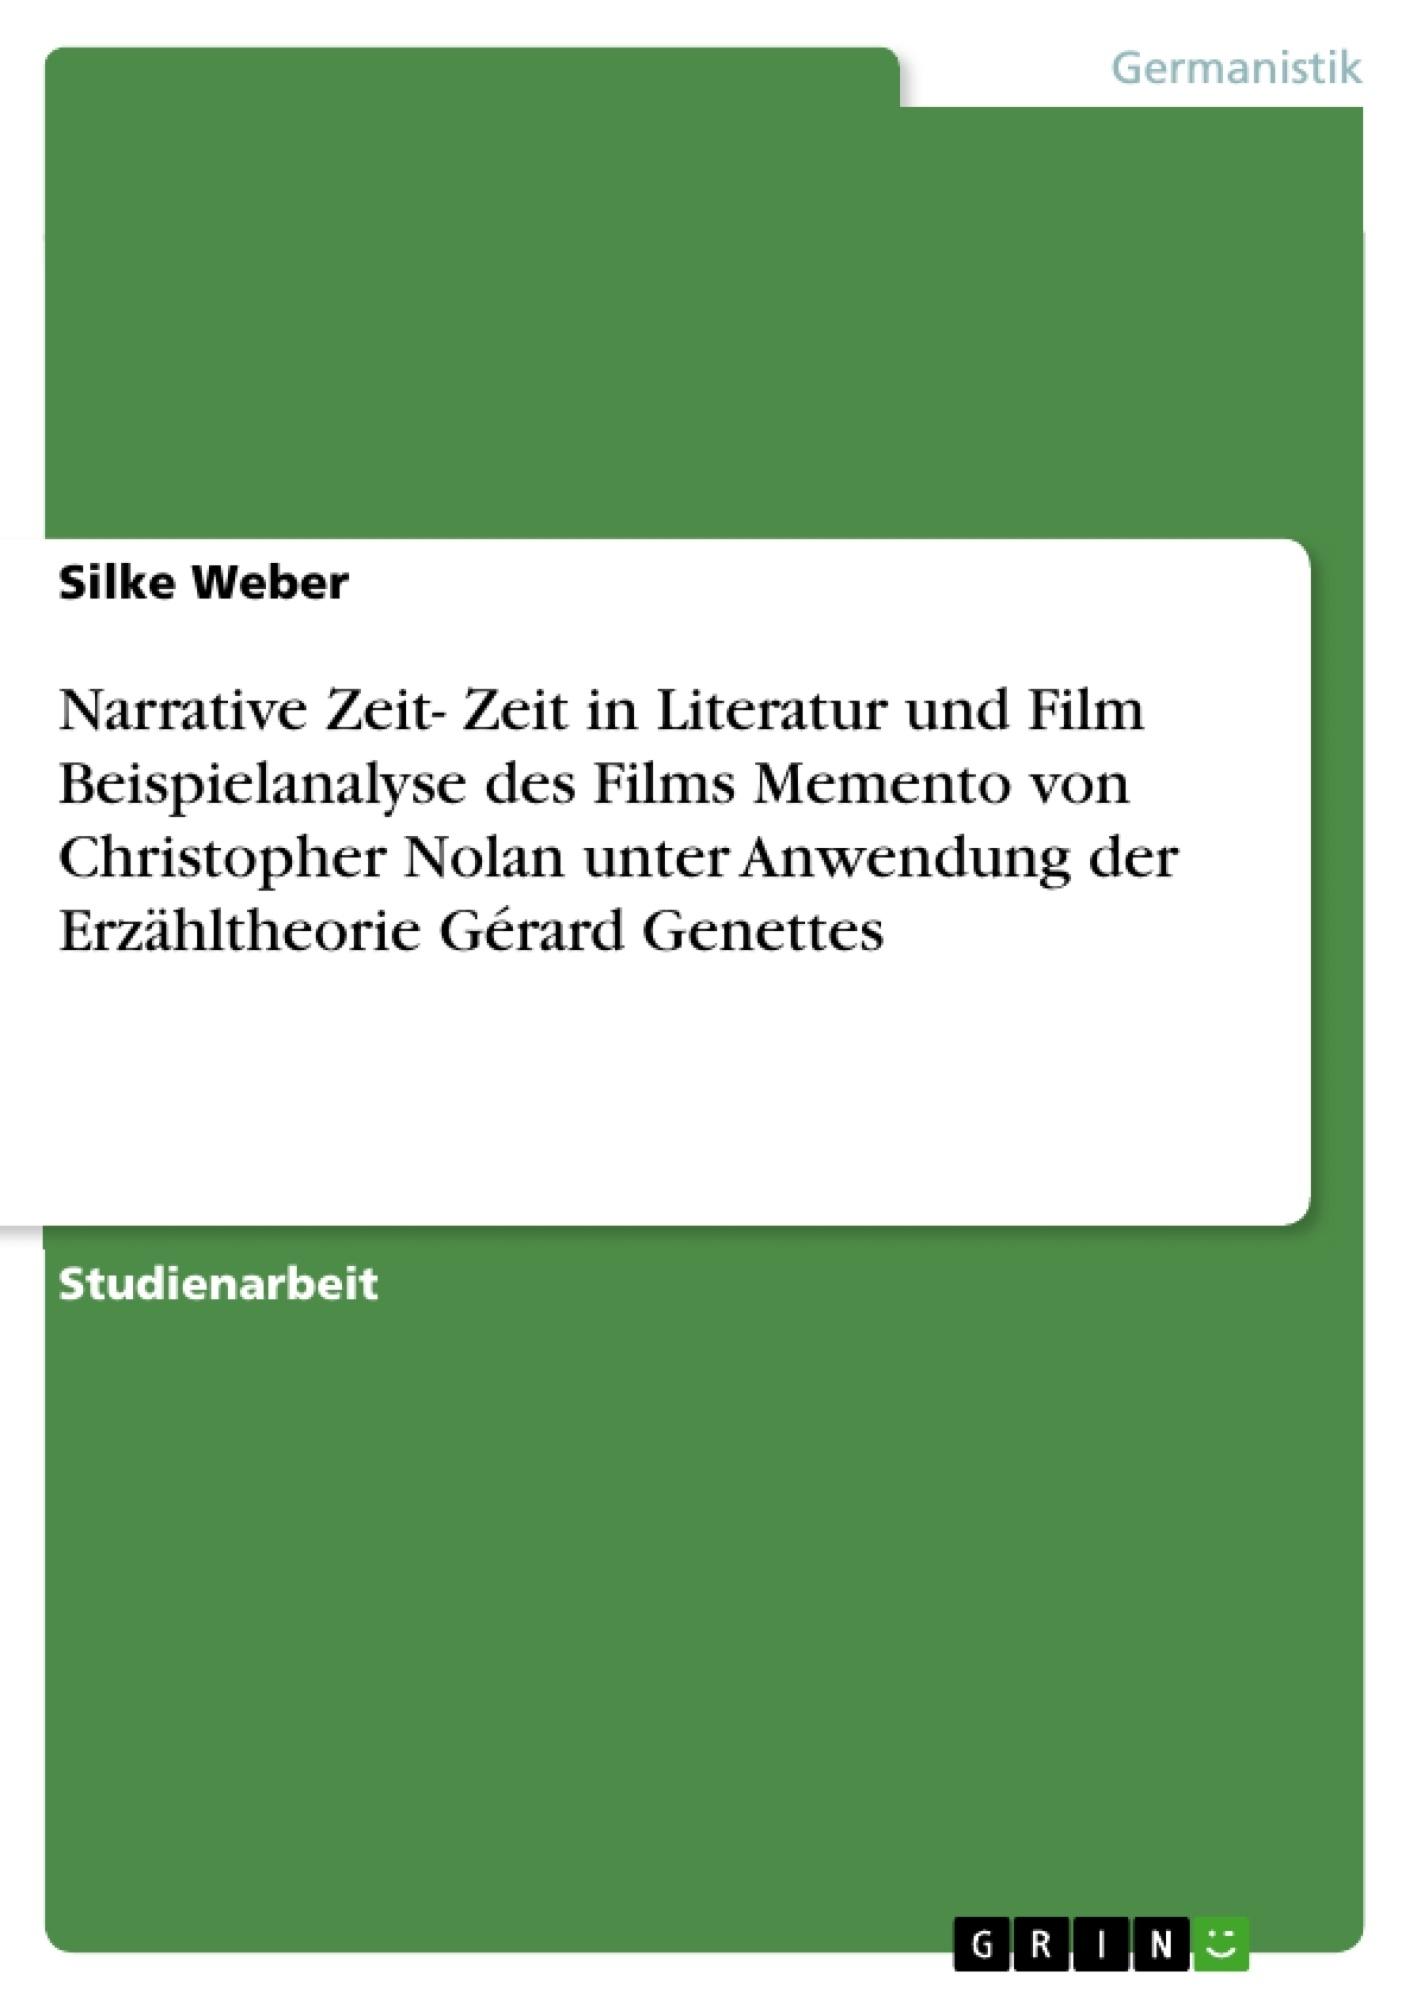 Titel: Narrative Zeit- Zeit in Literatur und Film Beispielanalyse des Films Memento von Christopher Nolan unter Anwendung der Erzähltheorie Gérard Genettes